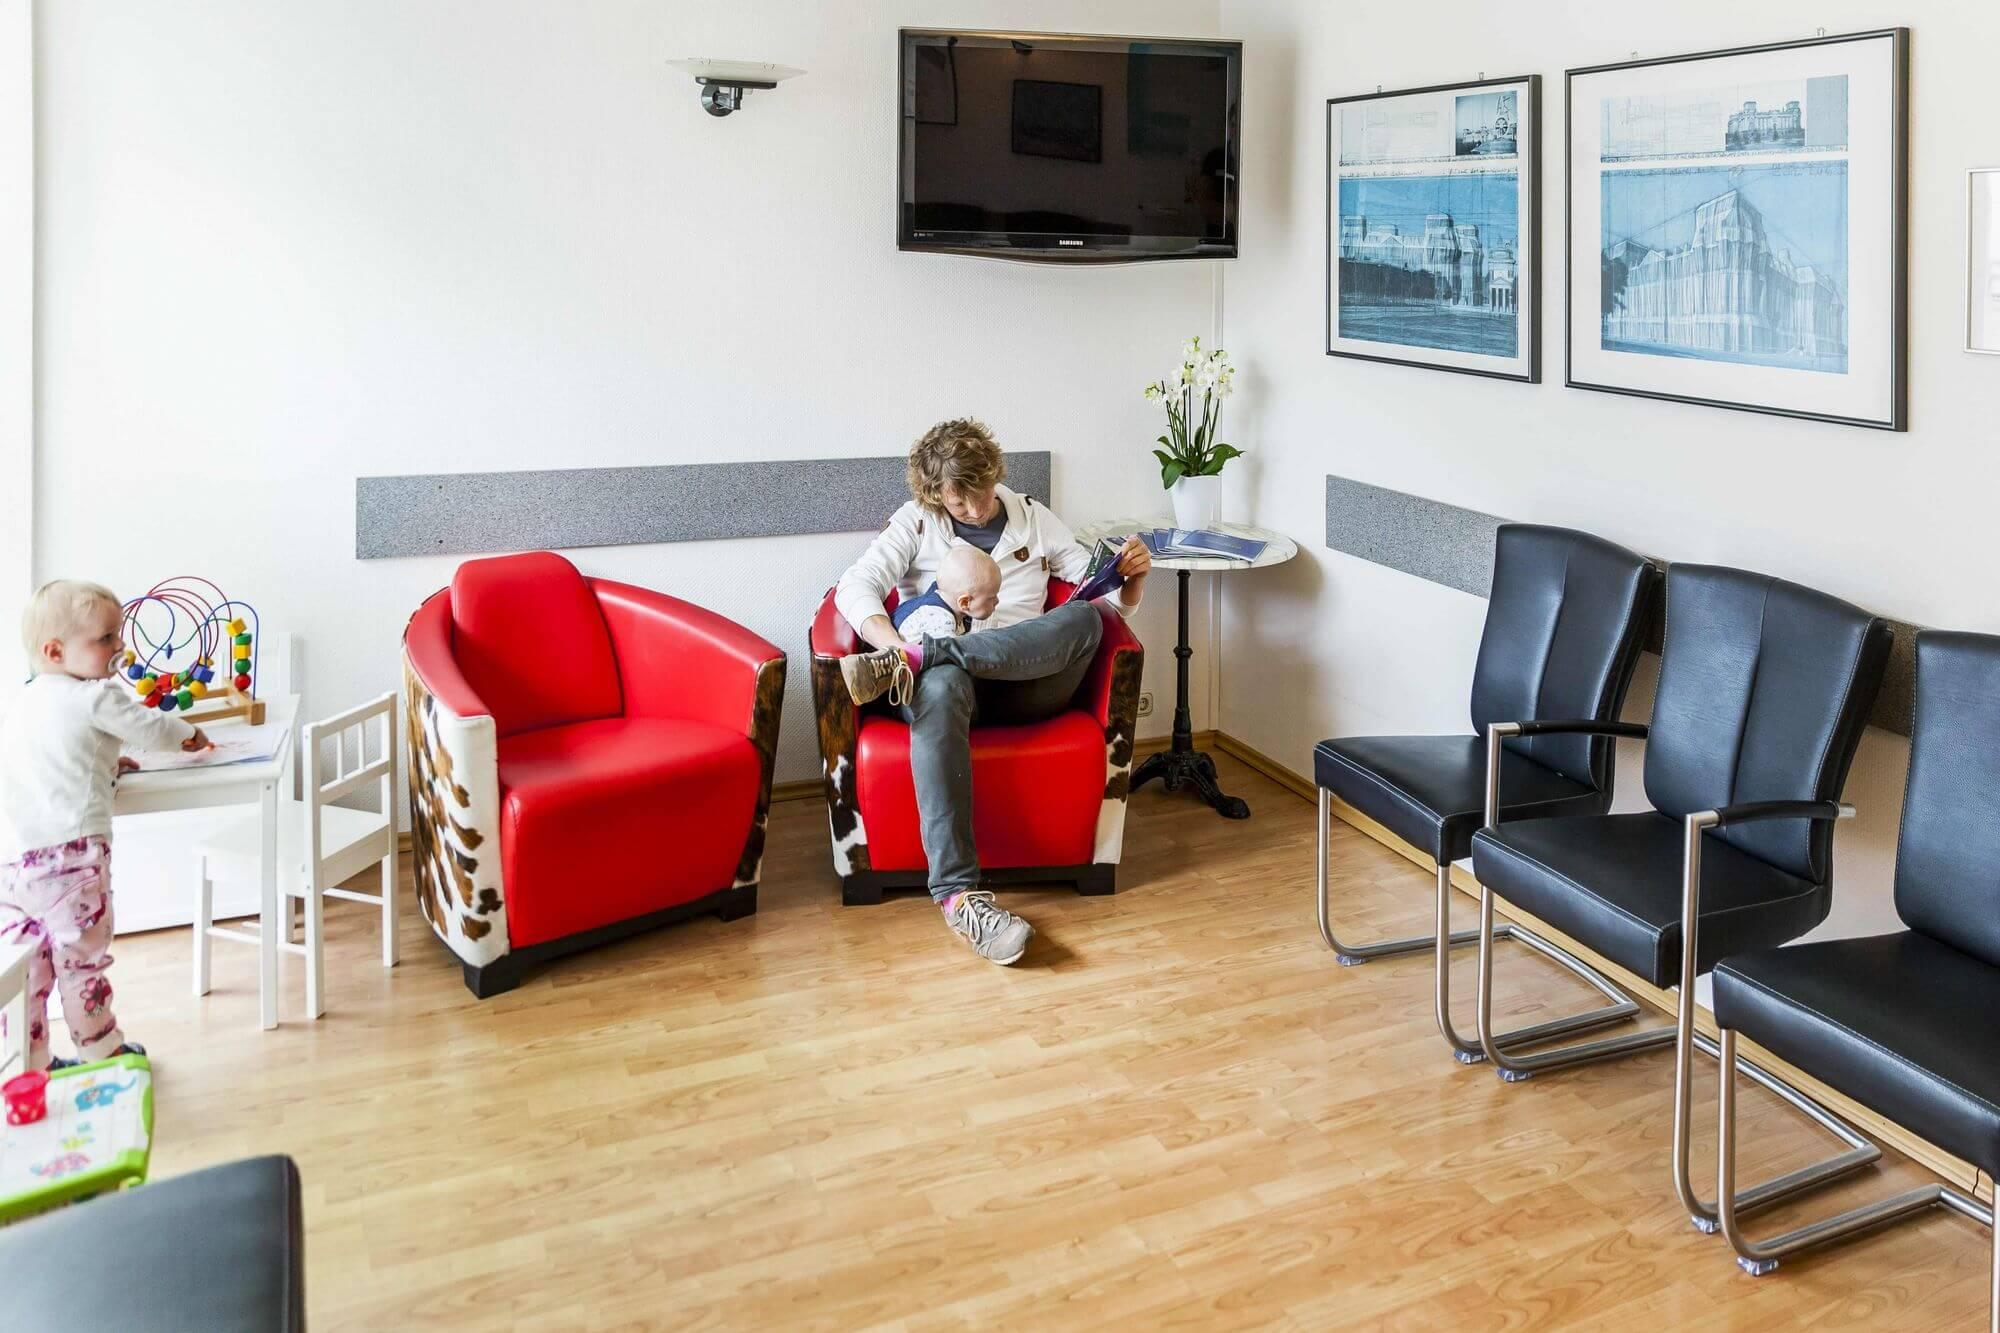 Kinder und Erwachsener im Wartezimmer